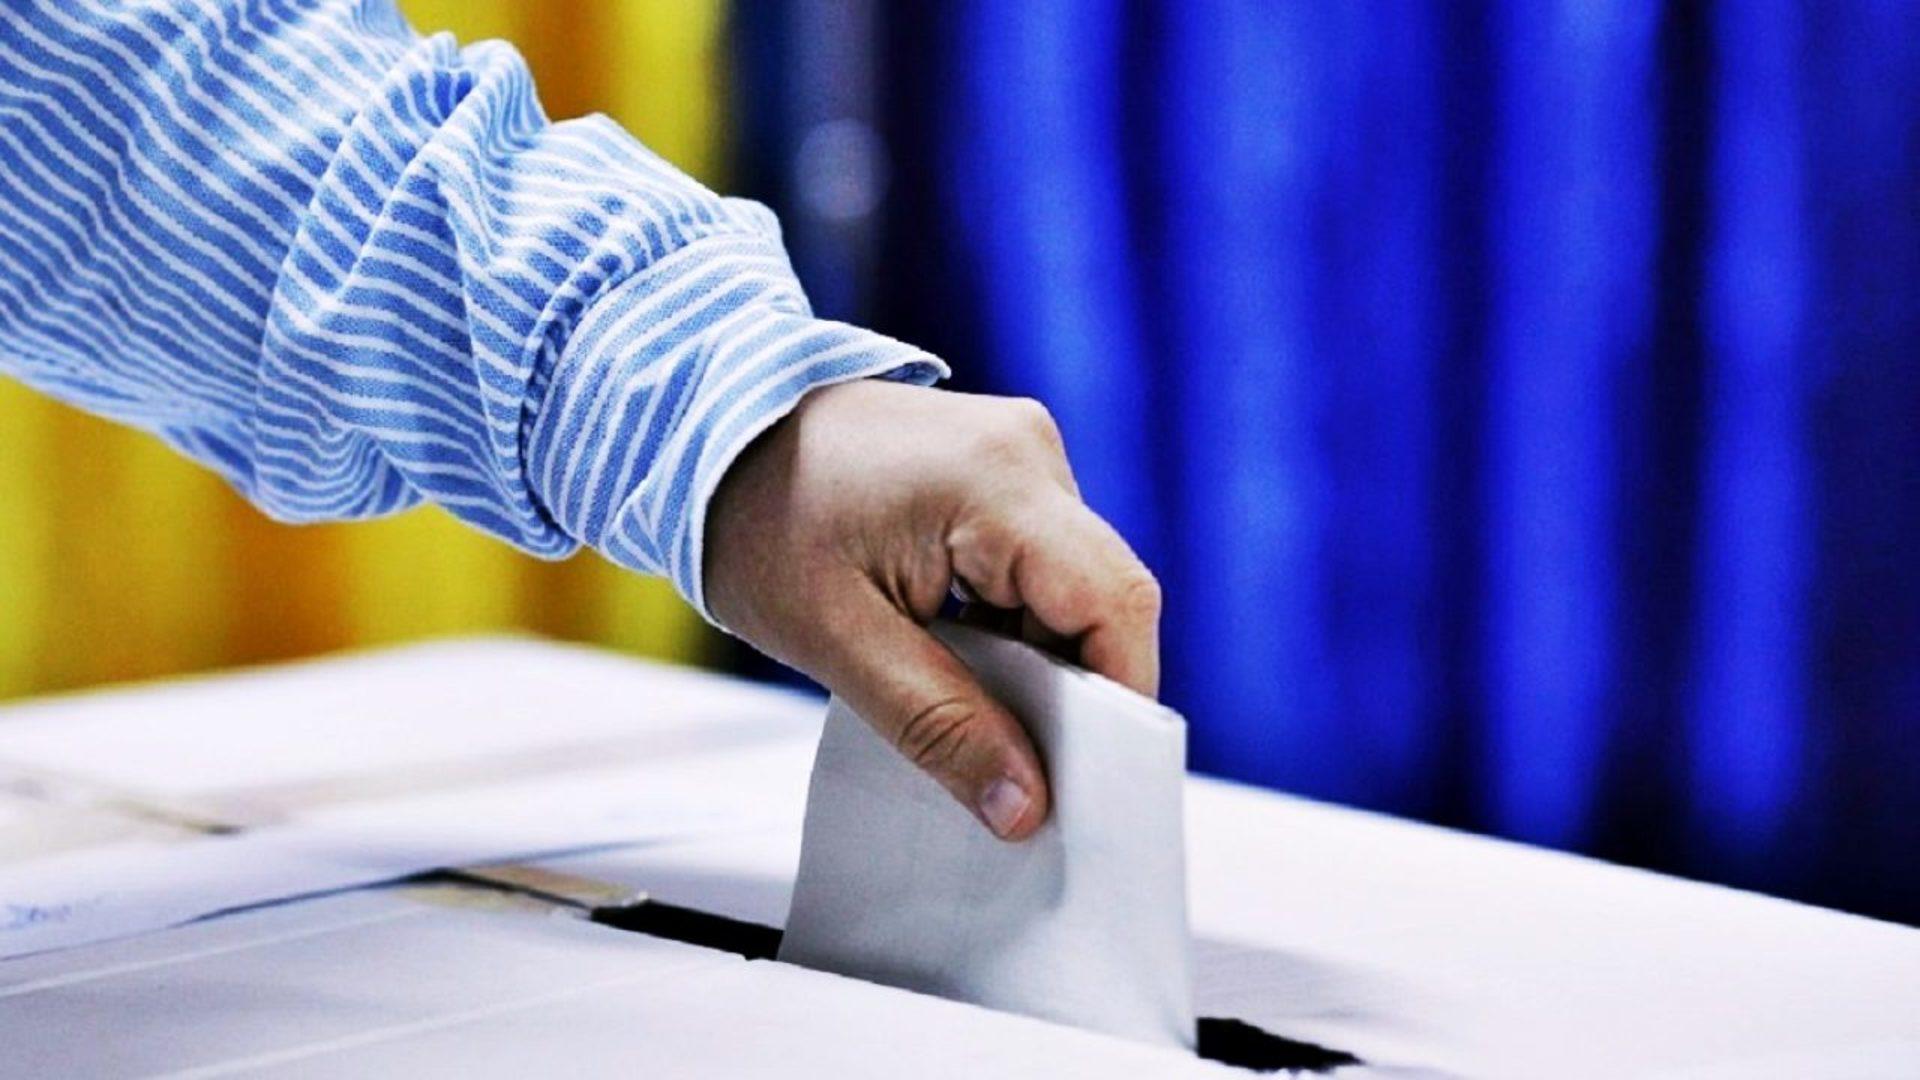 Alegerile locale 2020. Începe perioada electorală